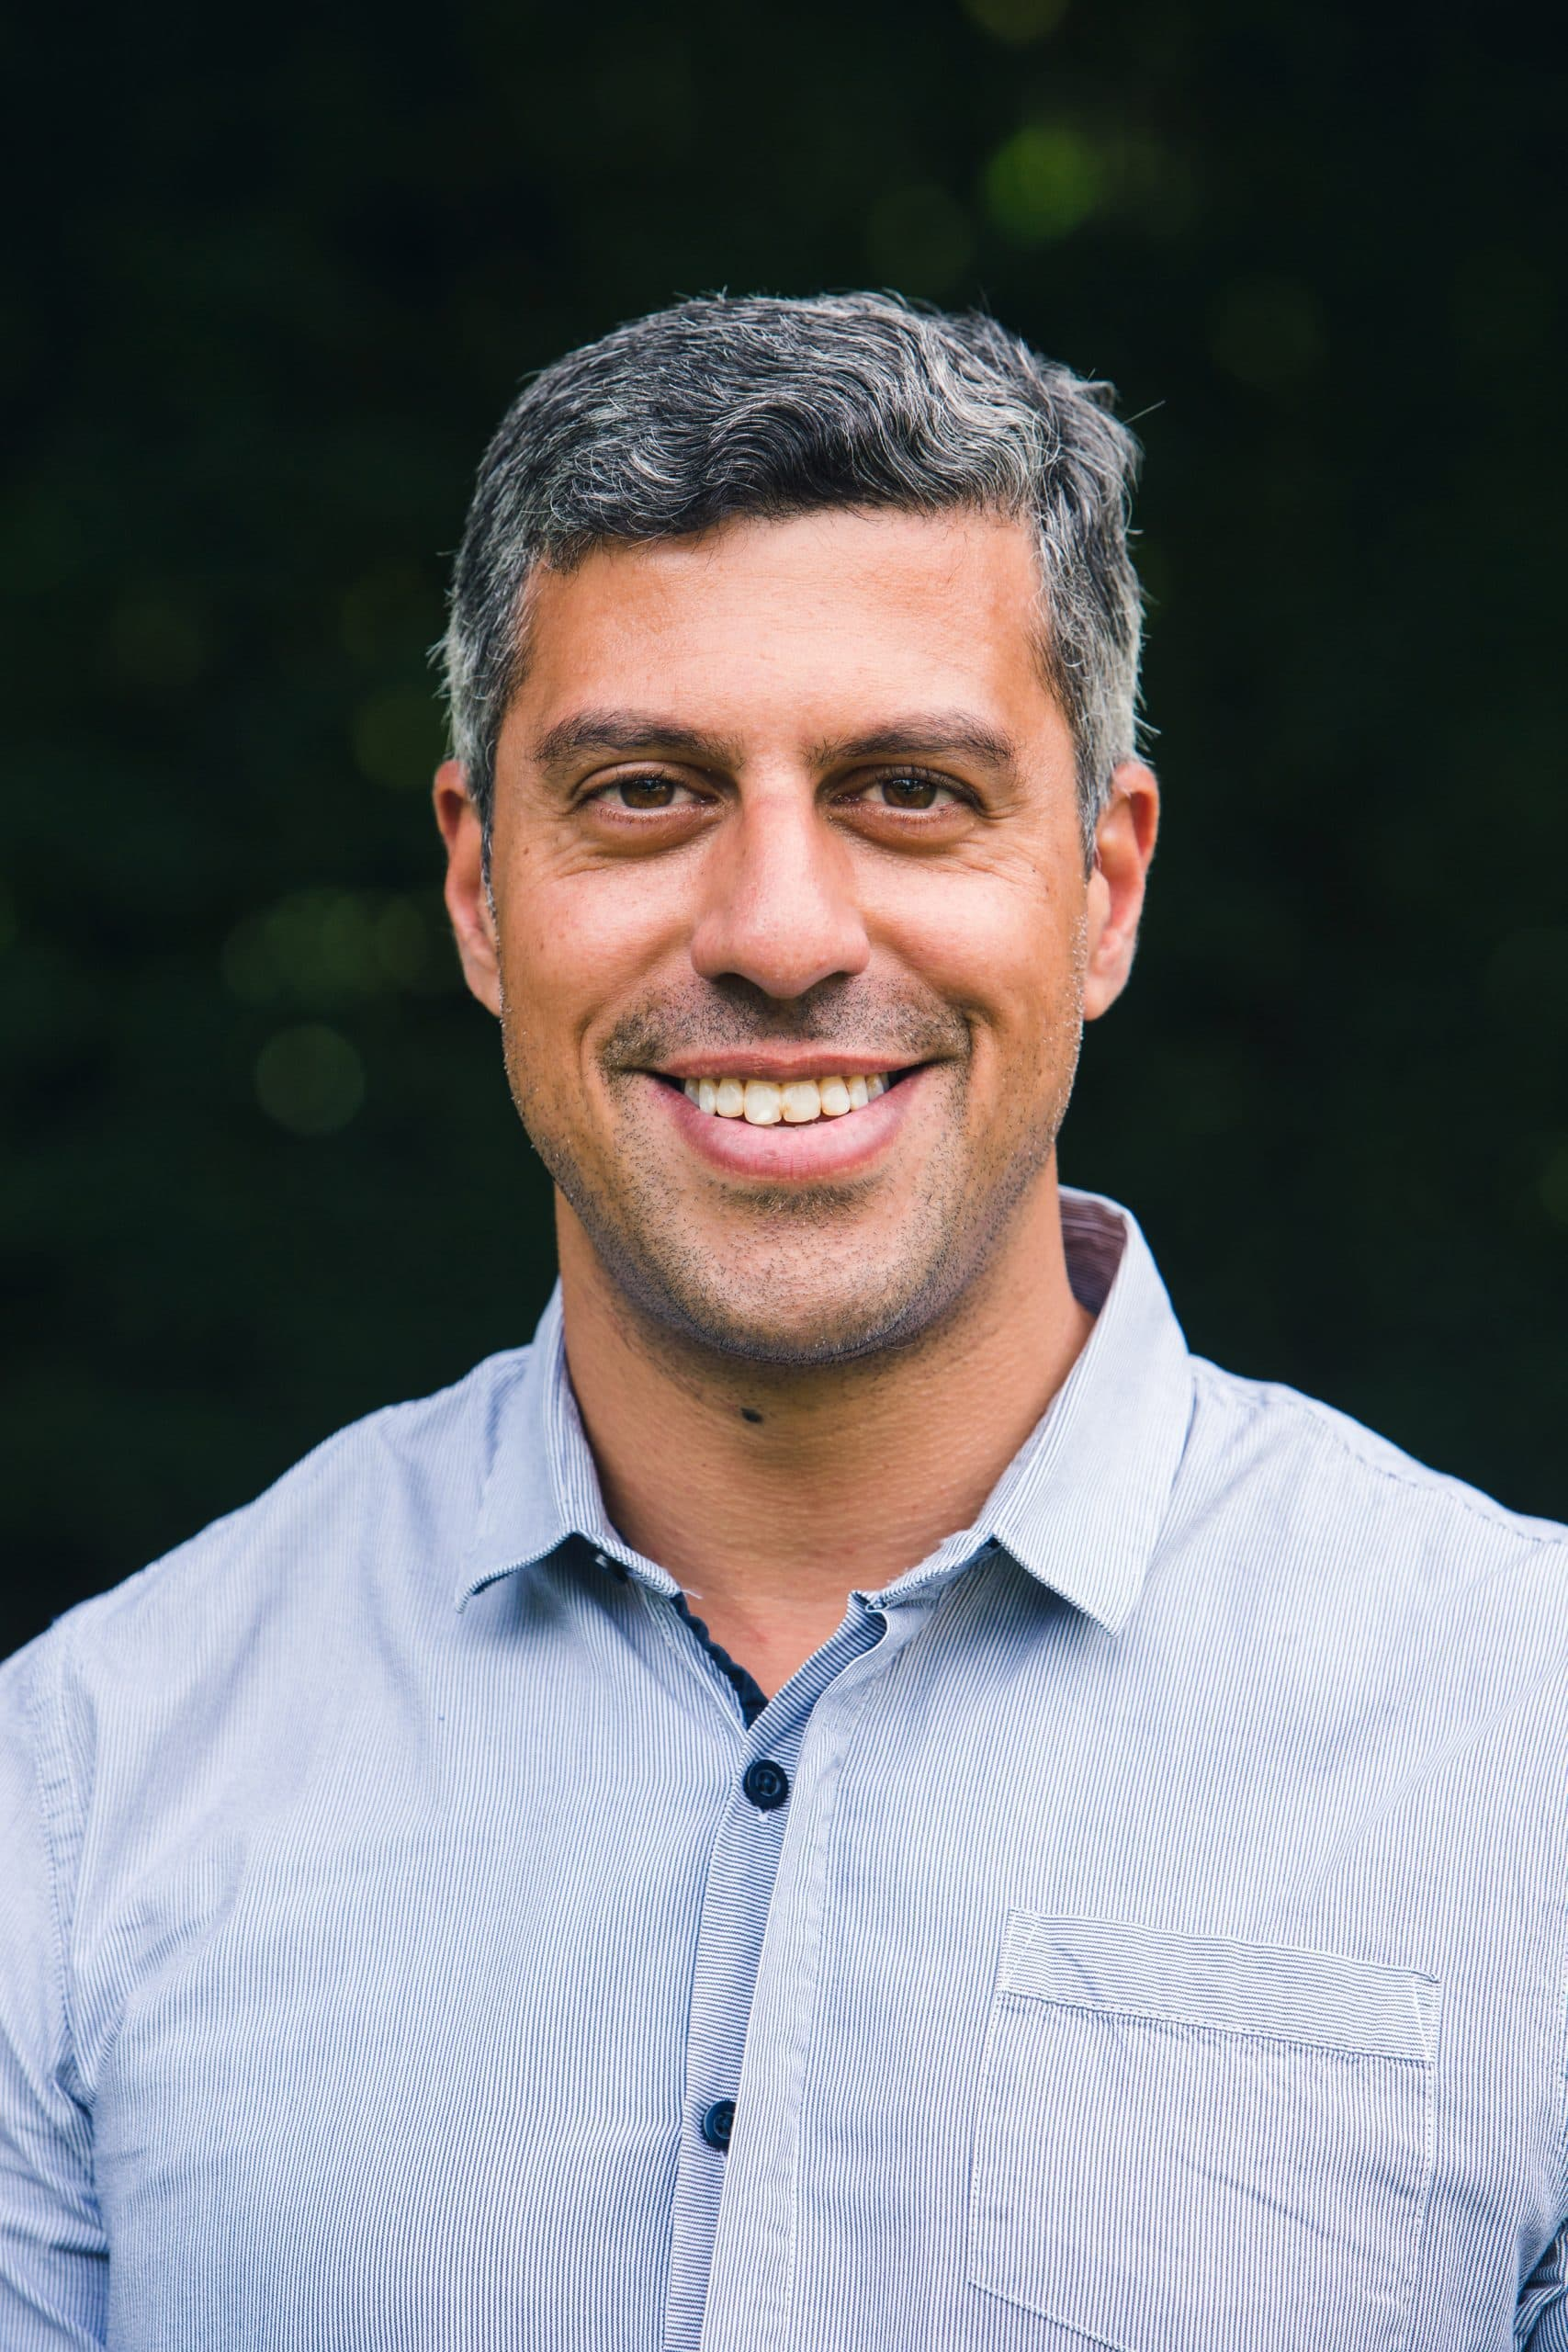 Adam Dossa